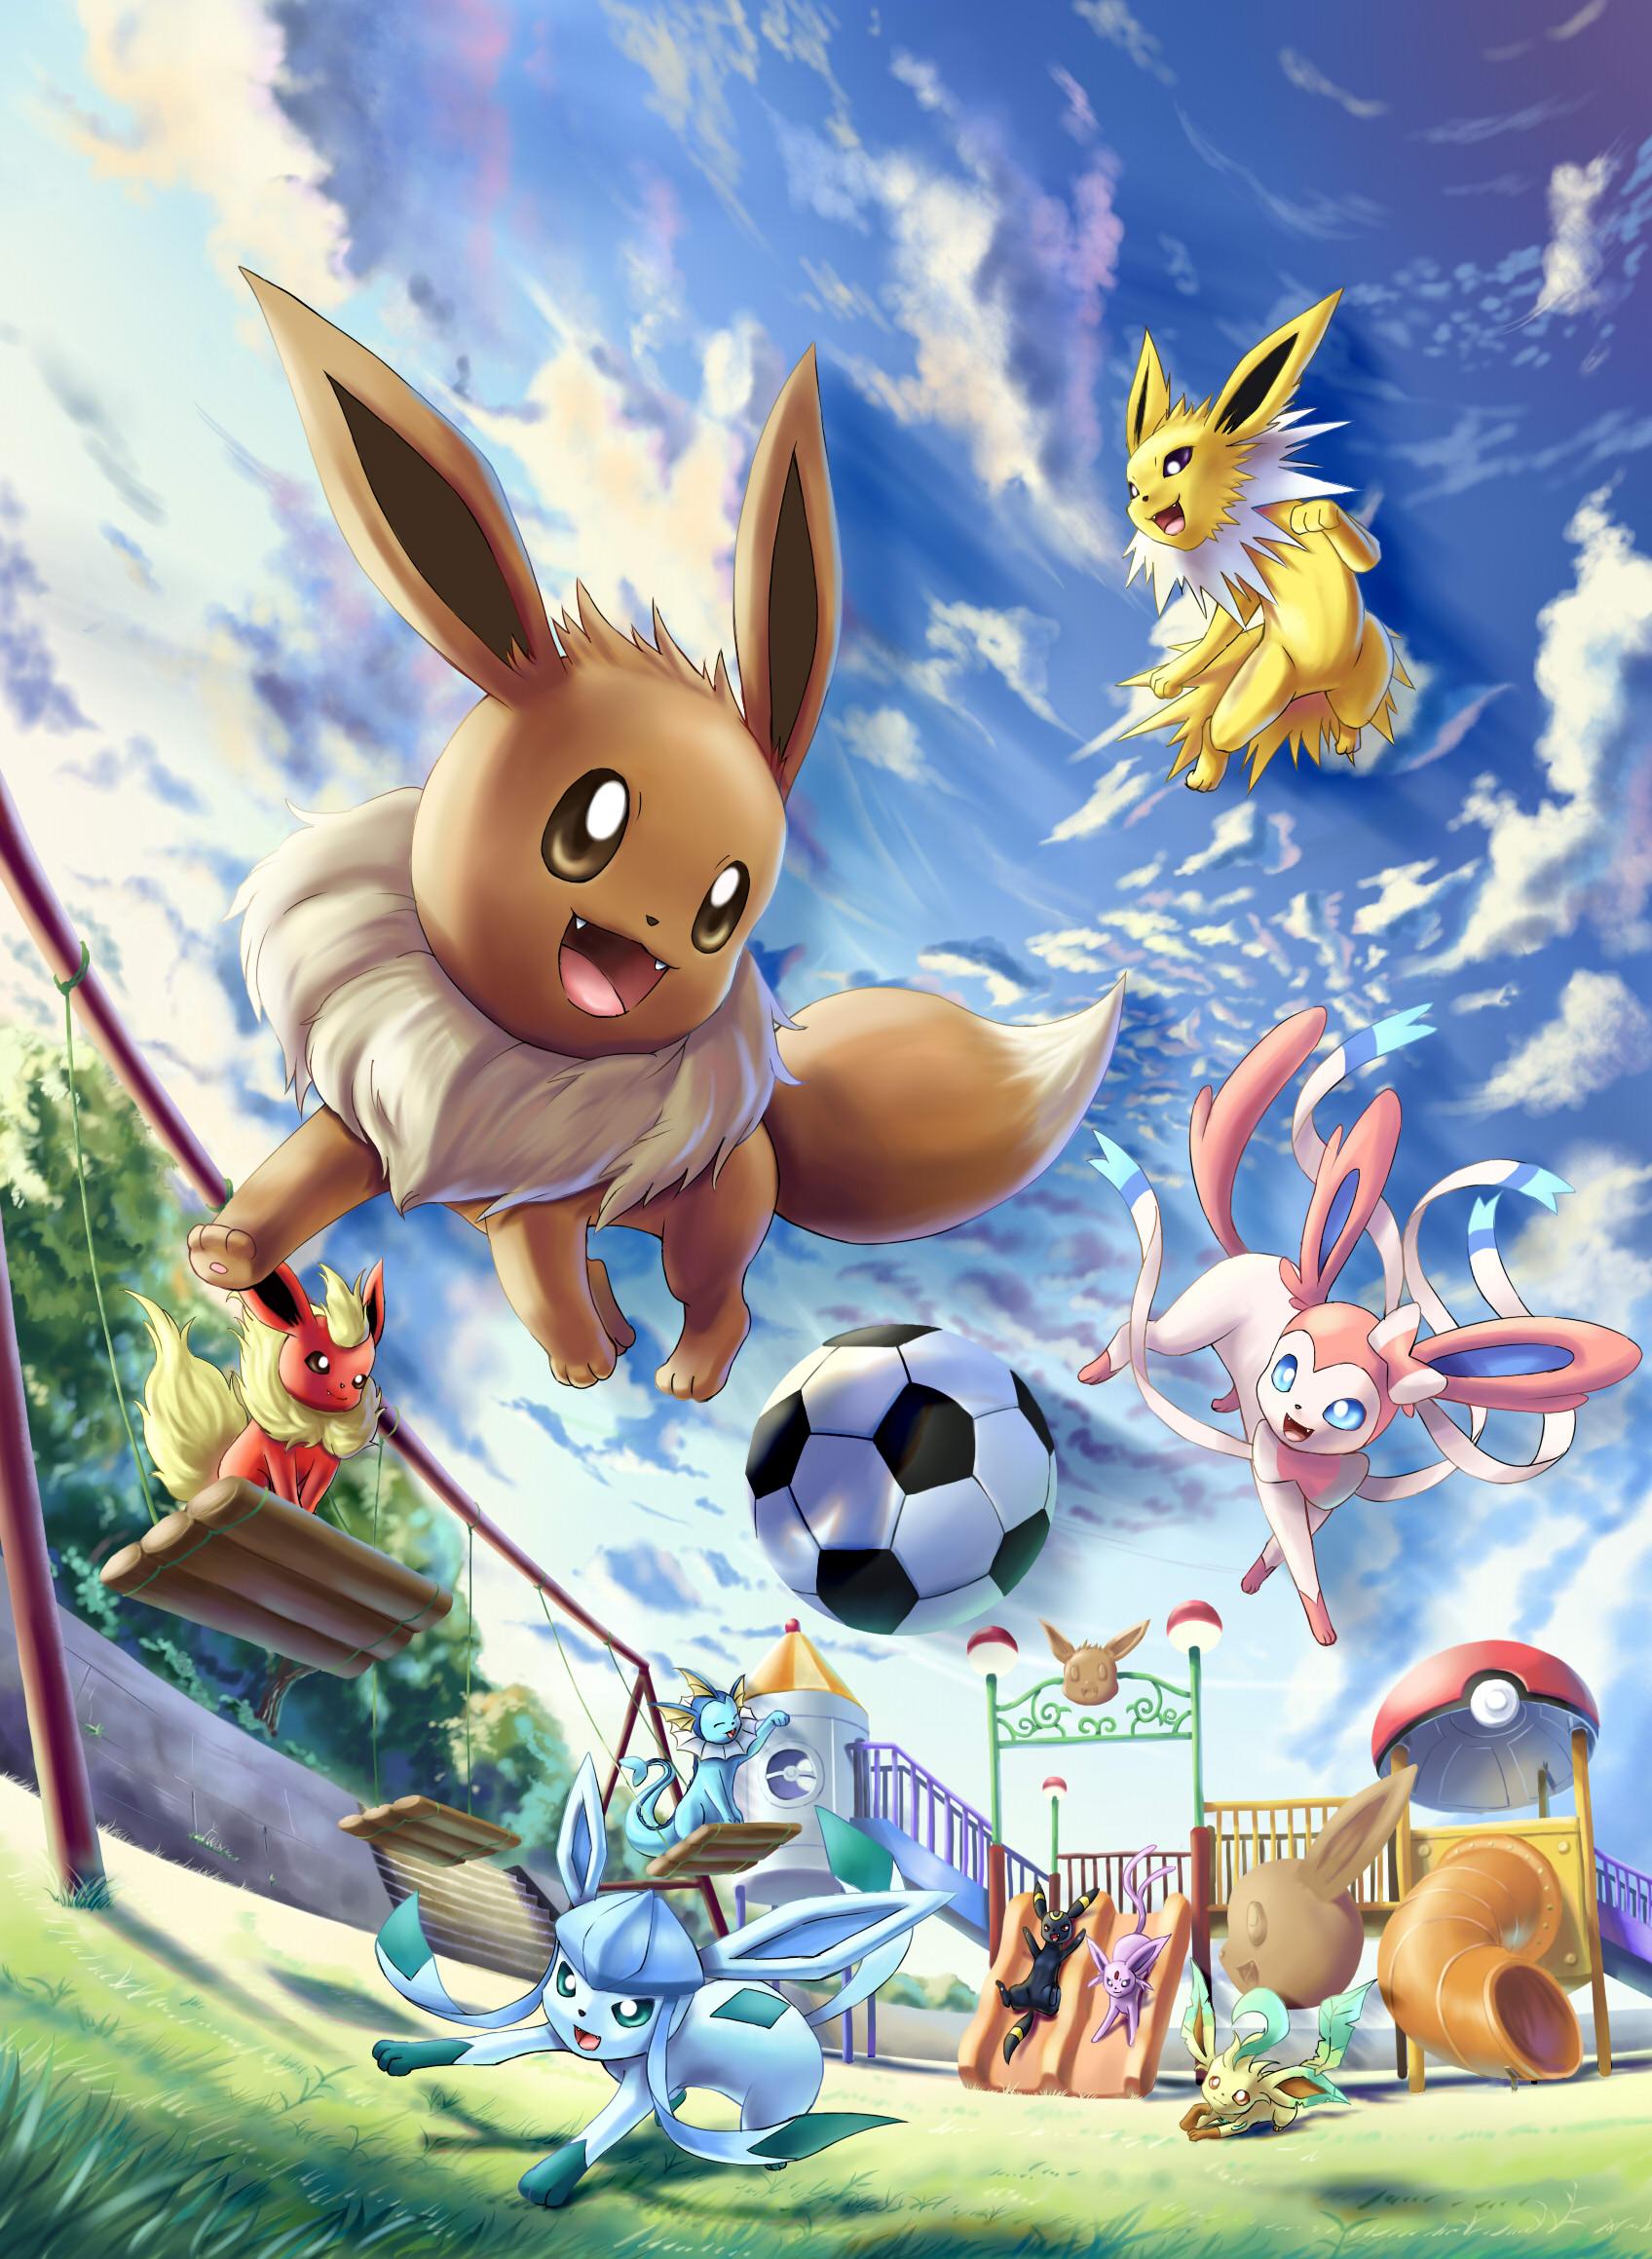 Eeveelution Pok 233 Mon Image 1569186 Zerochan Anime